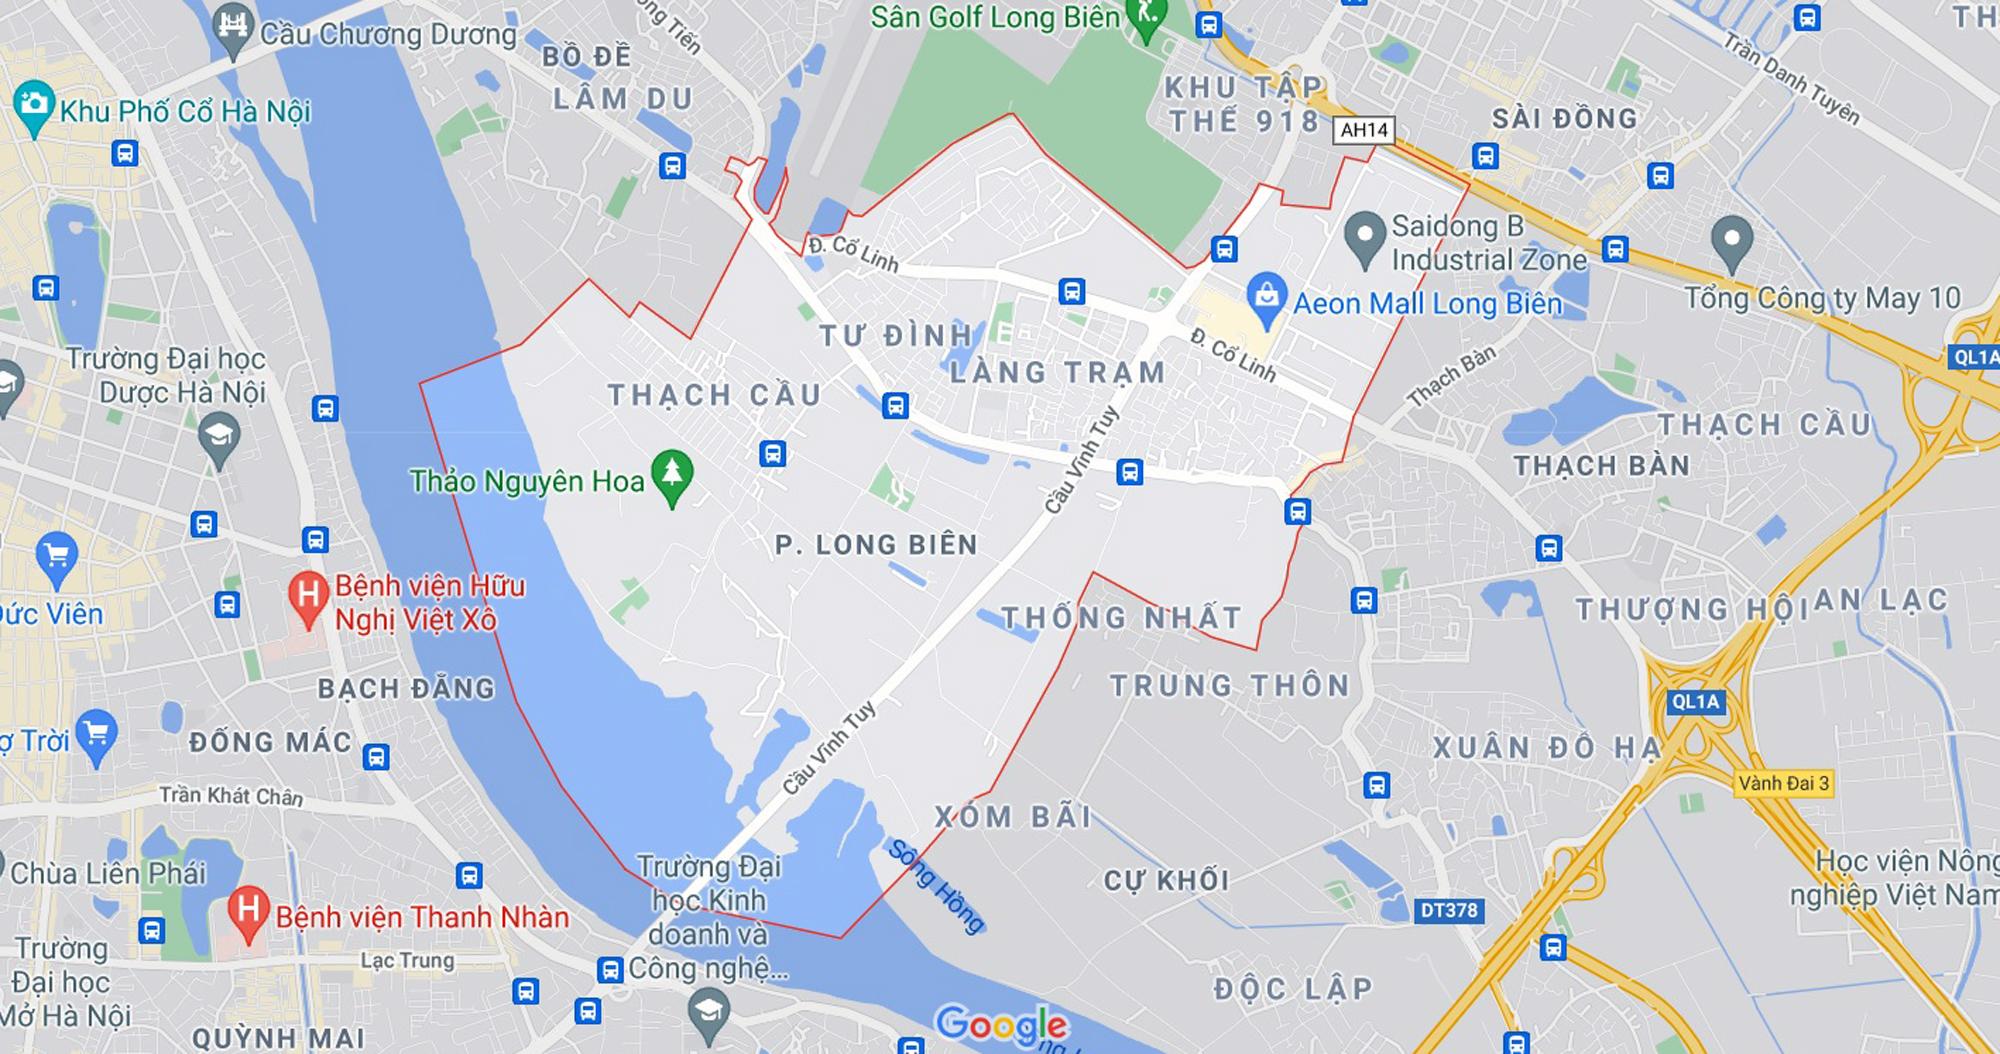 Những khu đất sắp thu hồi để mở đường ở phường Long Biên, Long Biên, Hà Nội (phần 3) - Ảnh 1.